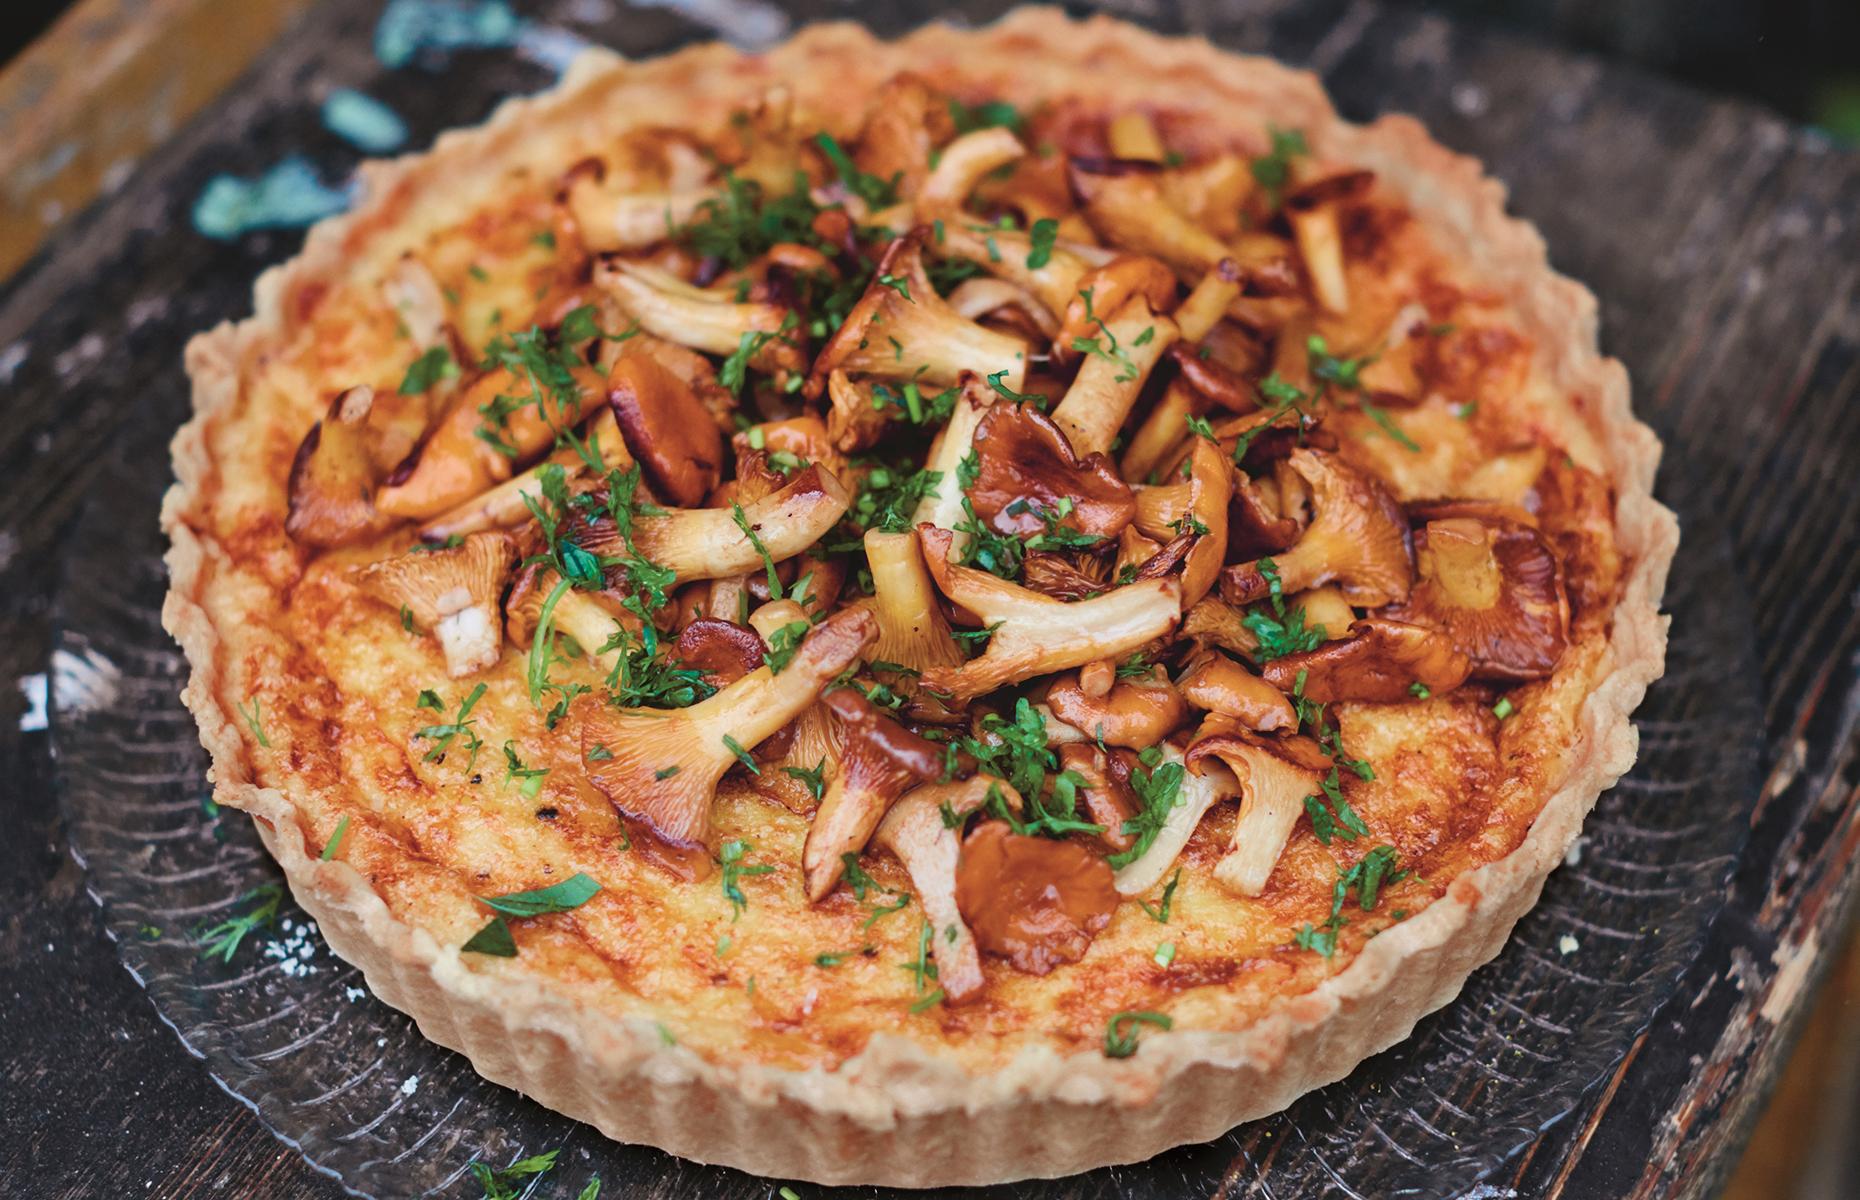 Mushroom and cheese pie